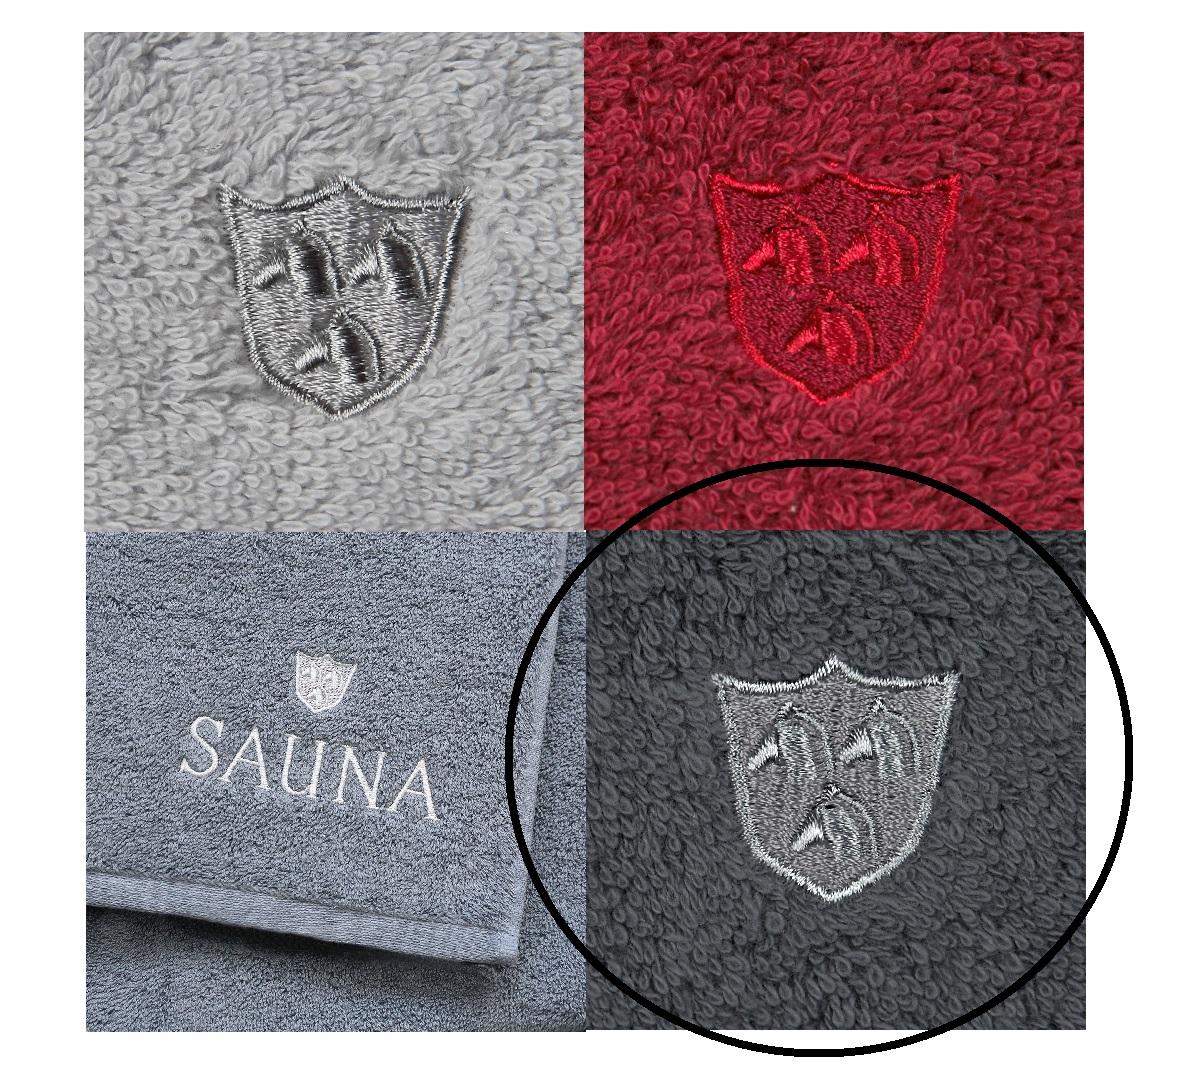 ROSS Saunatuch Wellnesstuch weiche Qualität mit Stickerei und Logo 85 flanell